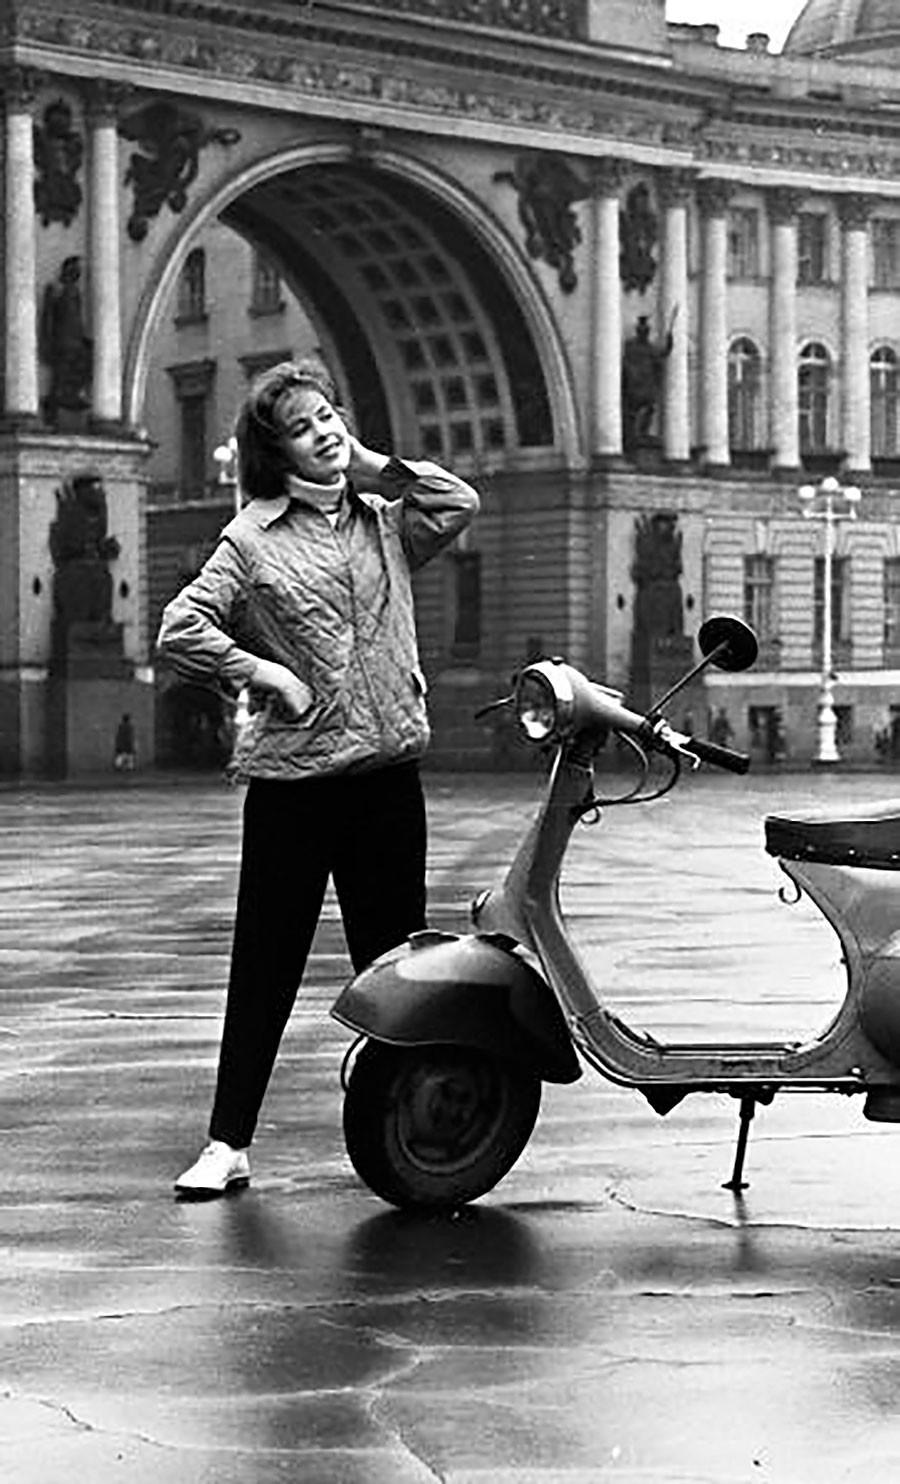 レニングラード参謀本部のアーチの前でポーズを取るモデル。1960年代